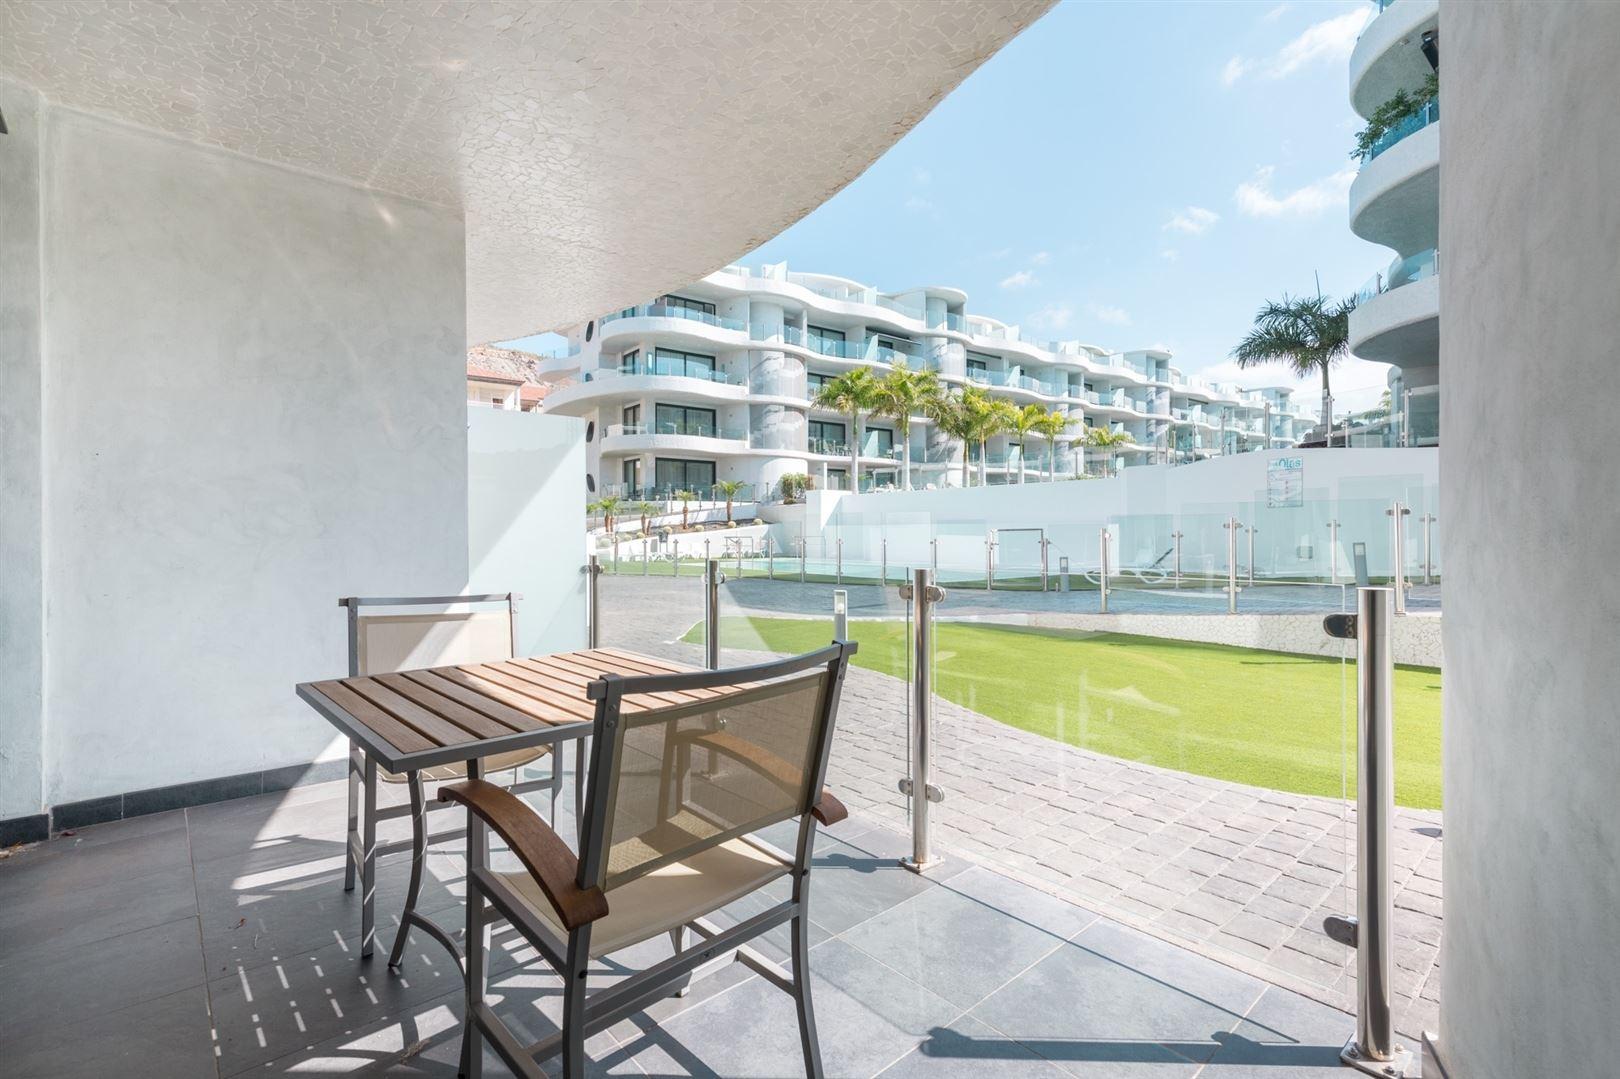 Foto 10 : Appartement te 38632 PALM MAR (Spanje) - Prijs € 325.000